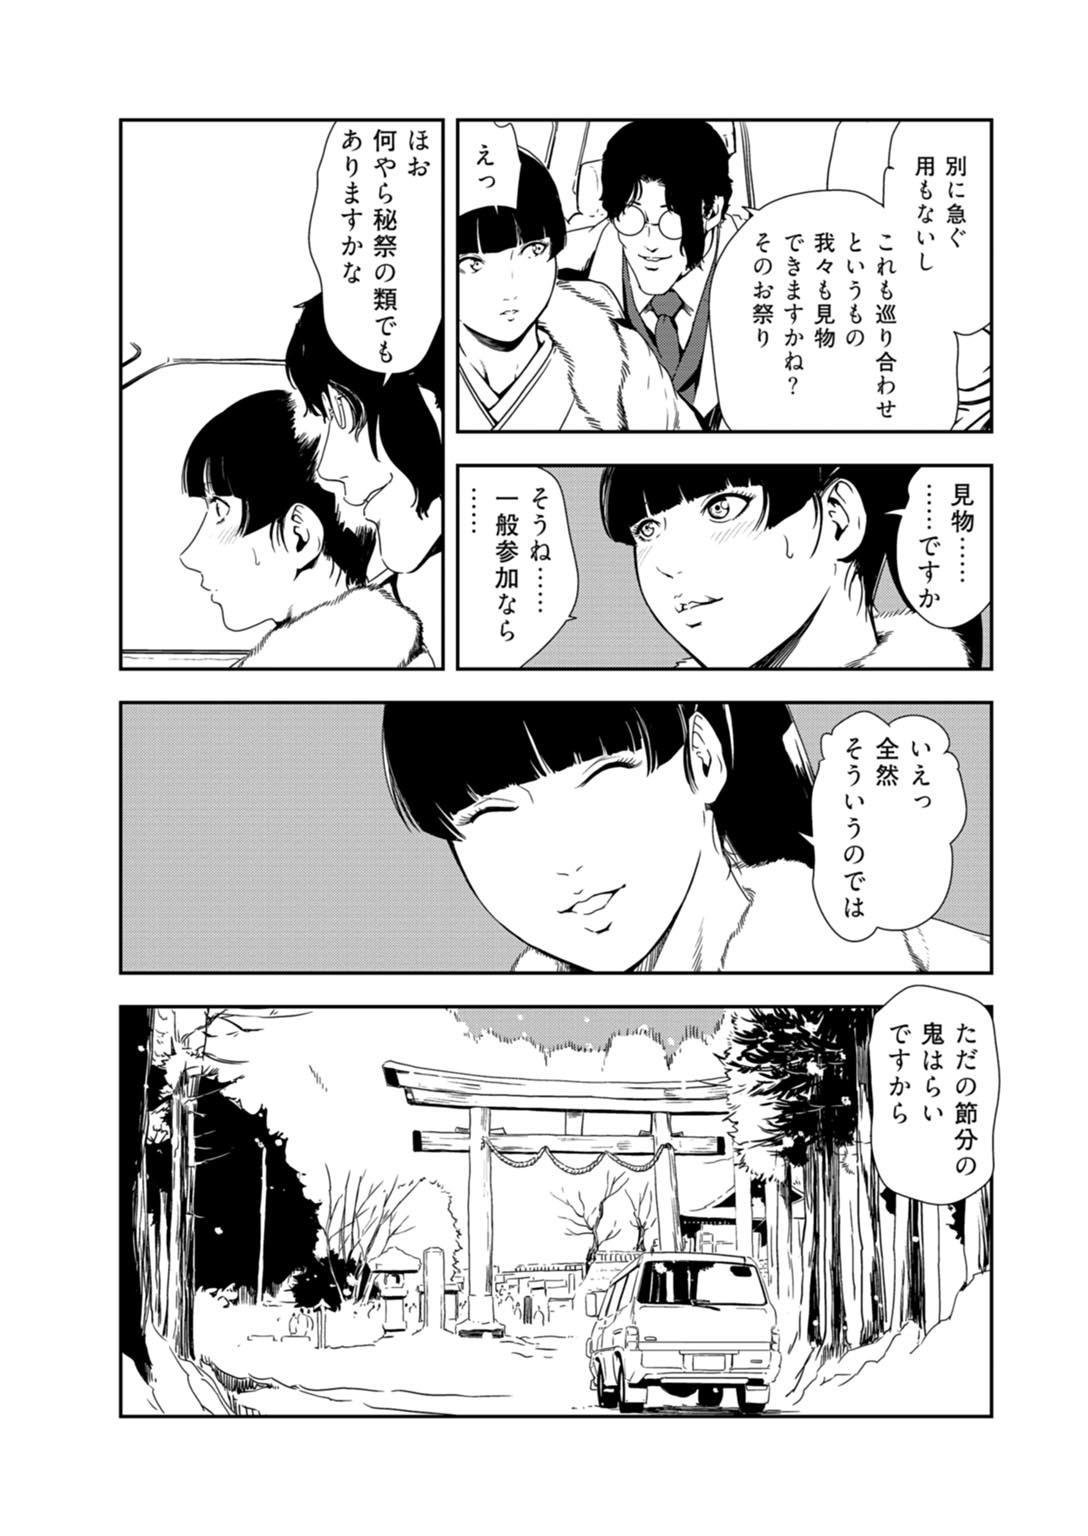 Nikuhisyo Yukiko 33 5